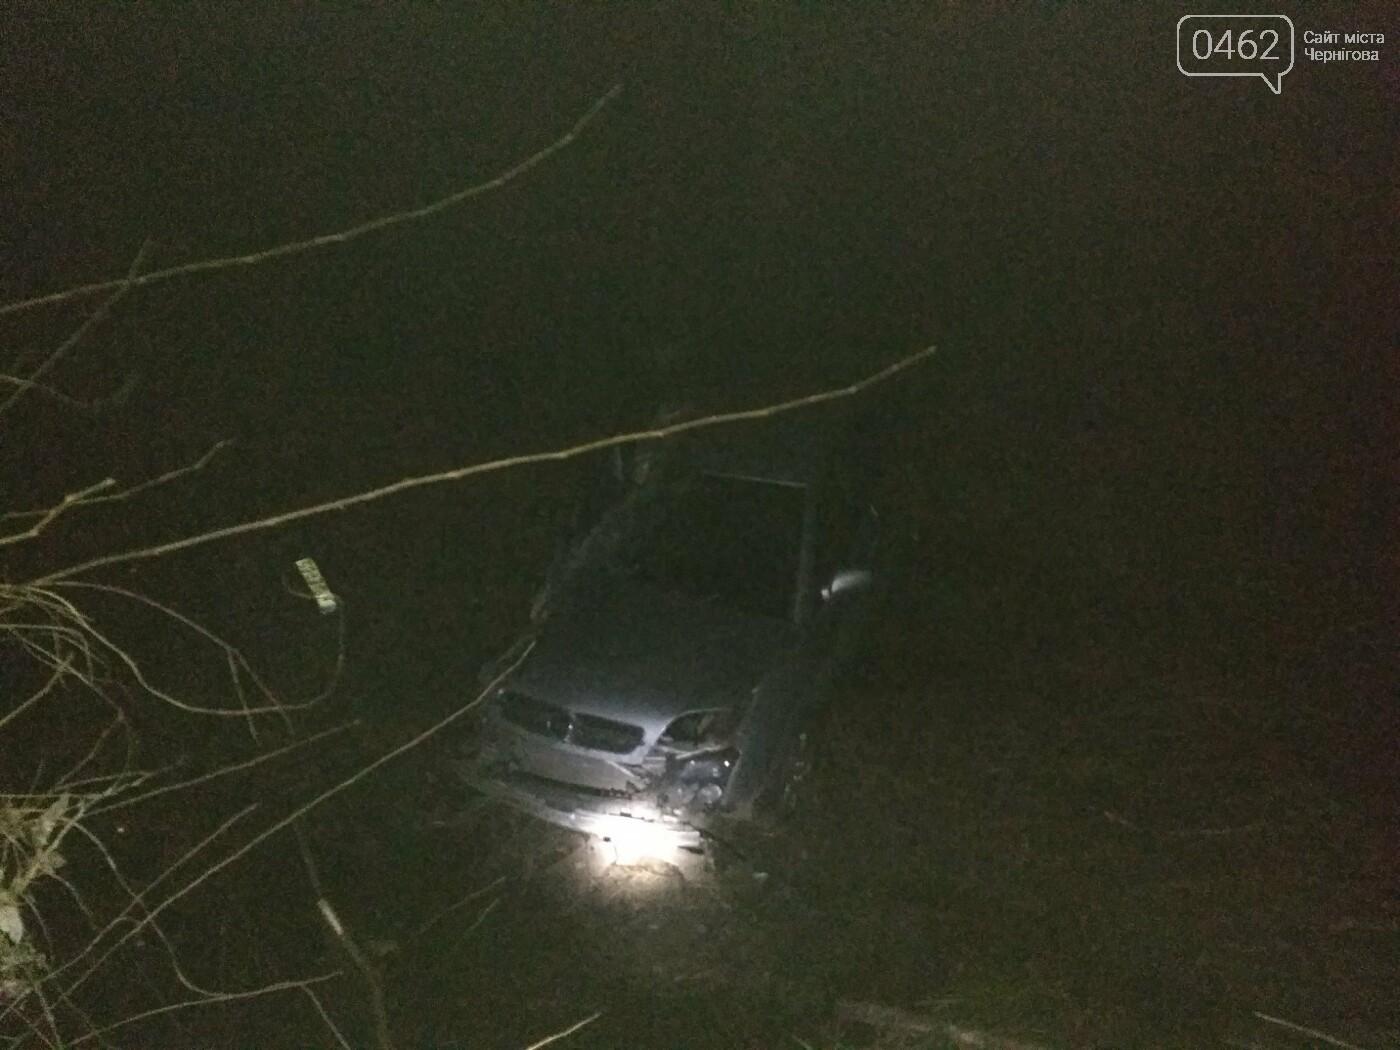 П'яний водій на Чернігівщині вилетів у русло річки: є потерпілі, фото-2